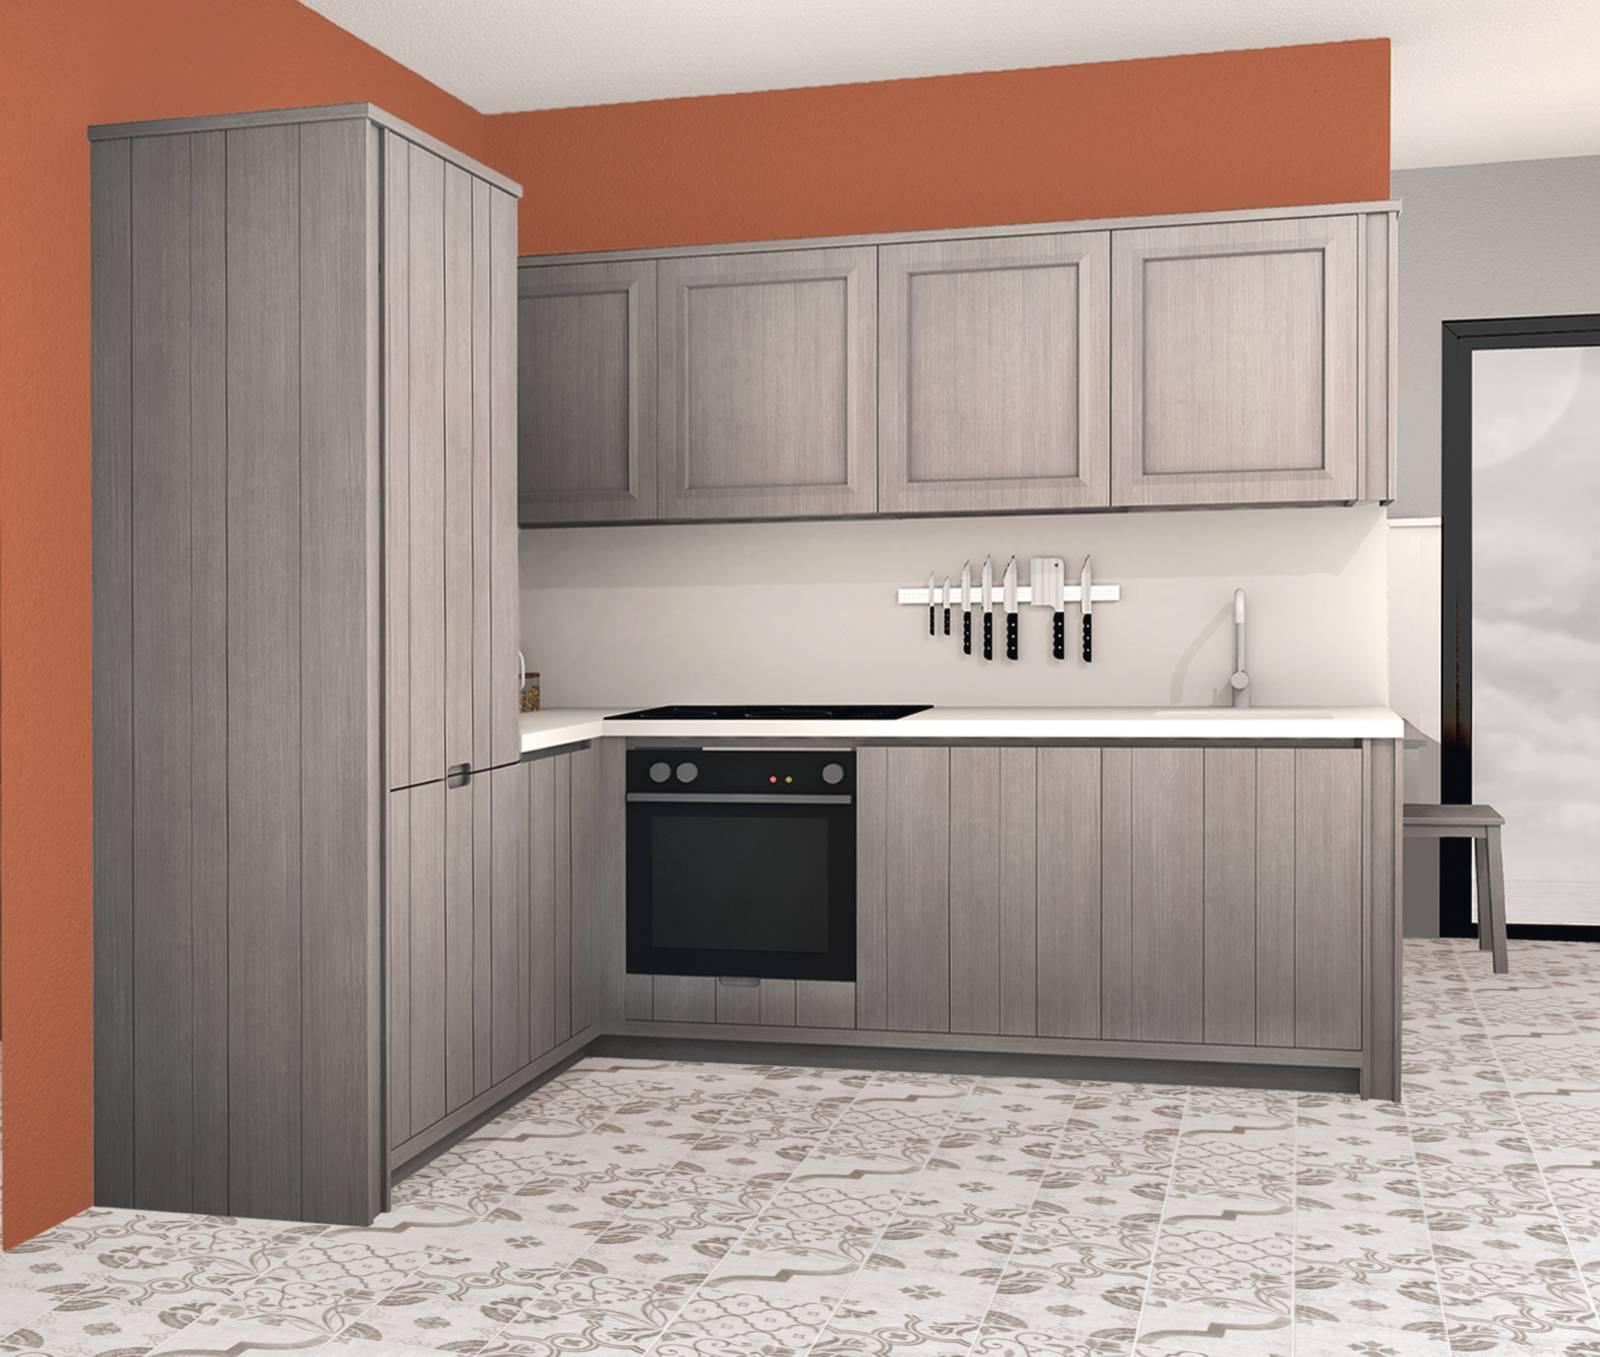 Misure Standard Top Cucina progetti cucina per meno di 10 mq: 4 soluzioni con i